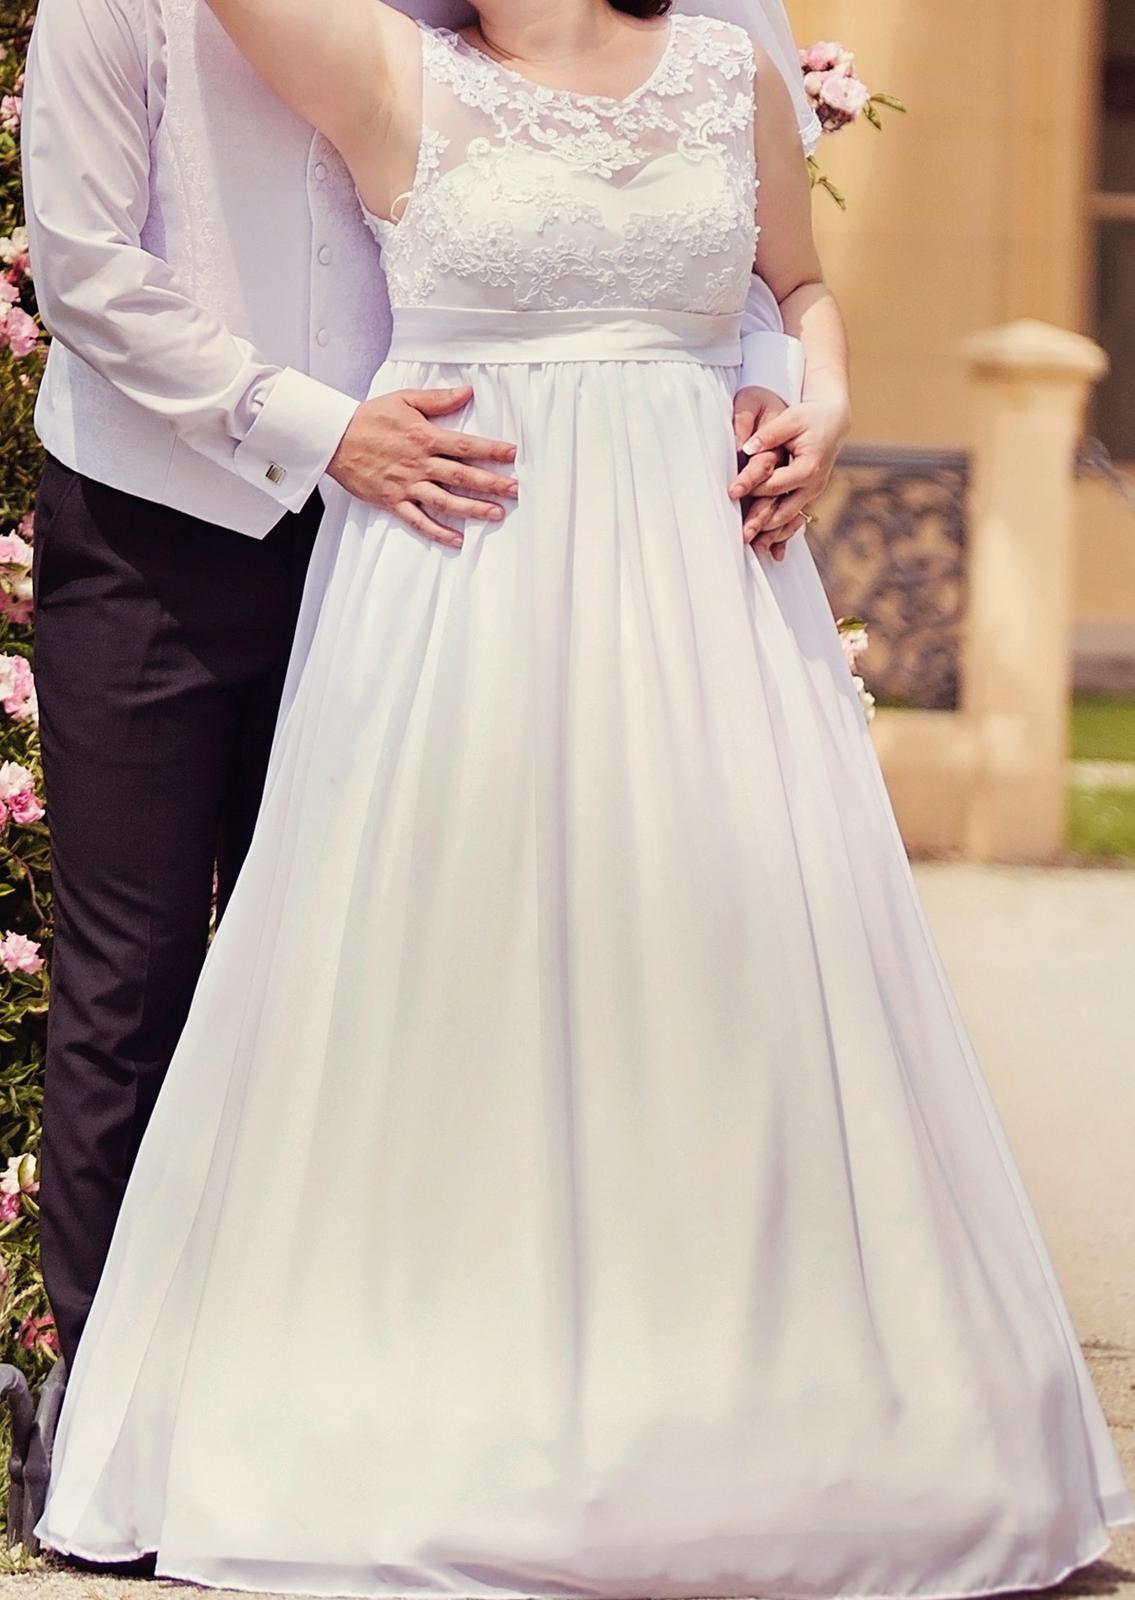 c1a57d9309a1 Svadobné šaty 40-44